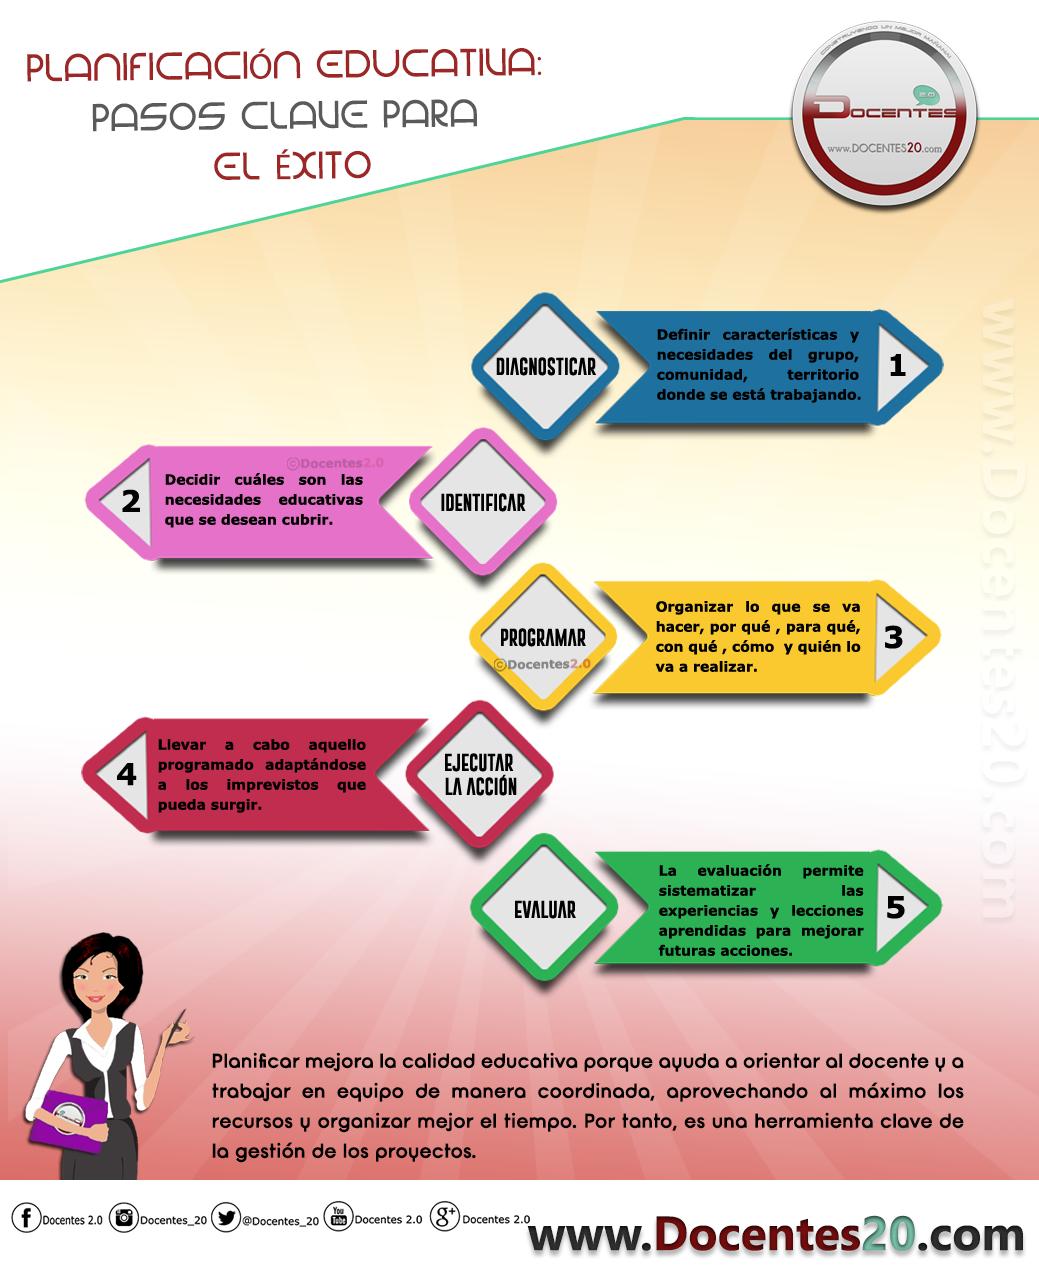 INFOGRAFÍA: PLANIFICACIÓN EDUCATIVA: PASOS CLAVE PARA EL